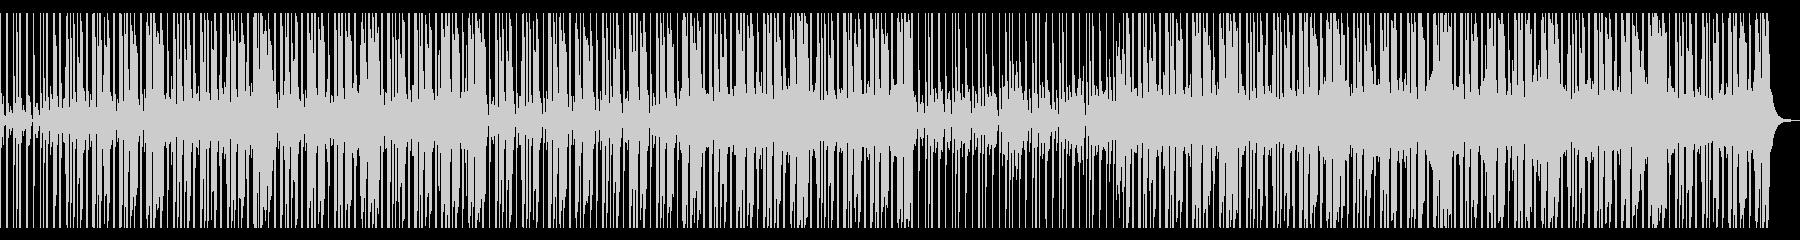 【短いVer4】スローファンクロックの未再生の波形